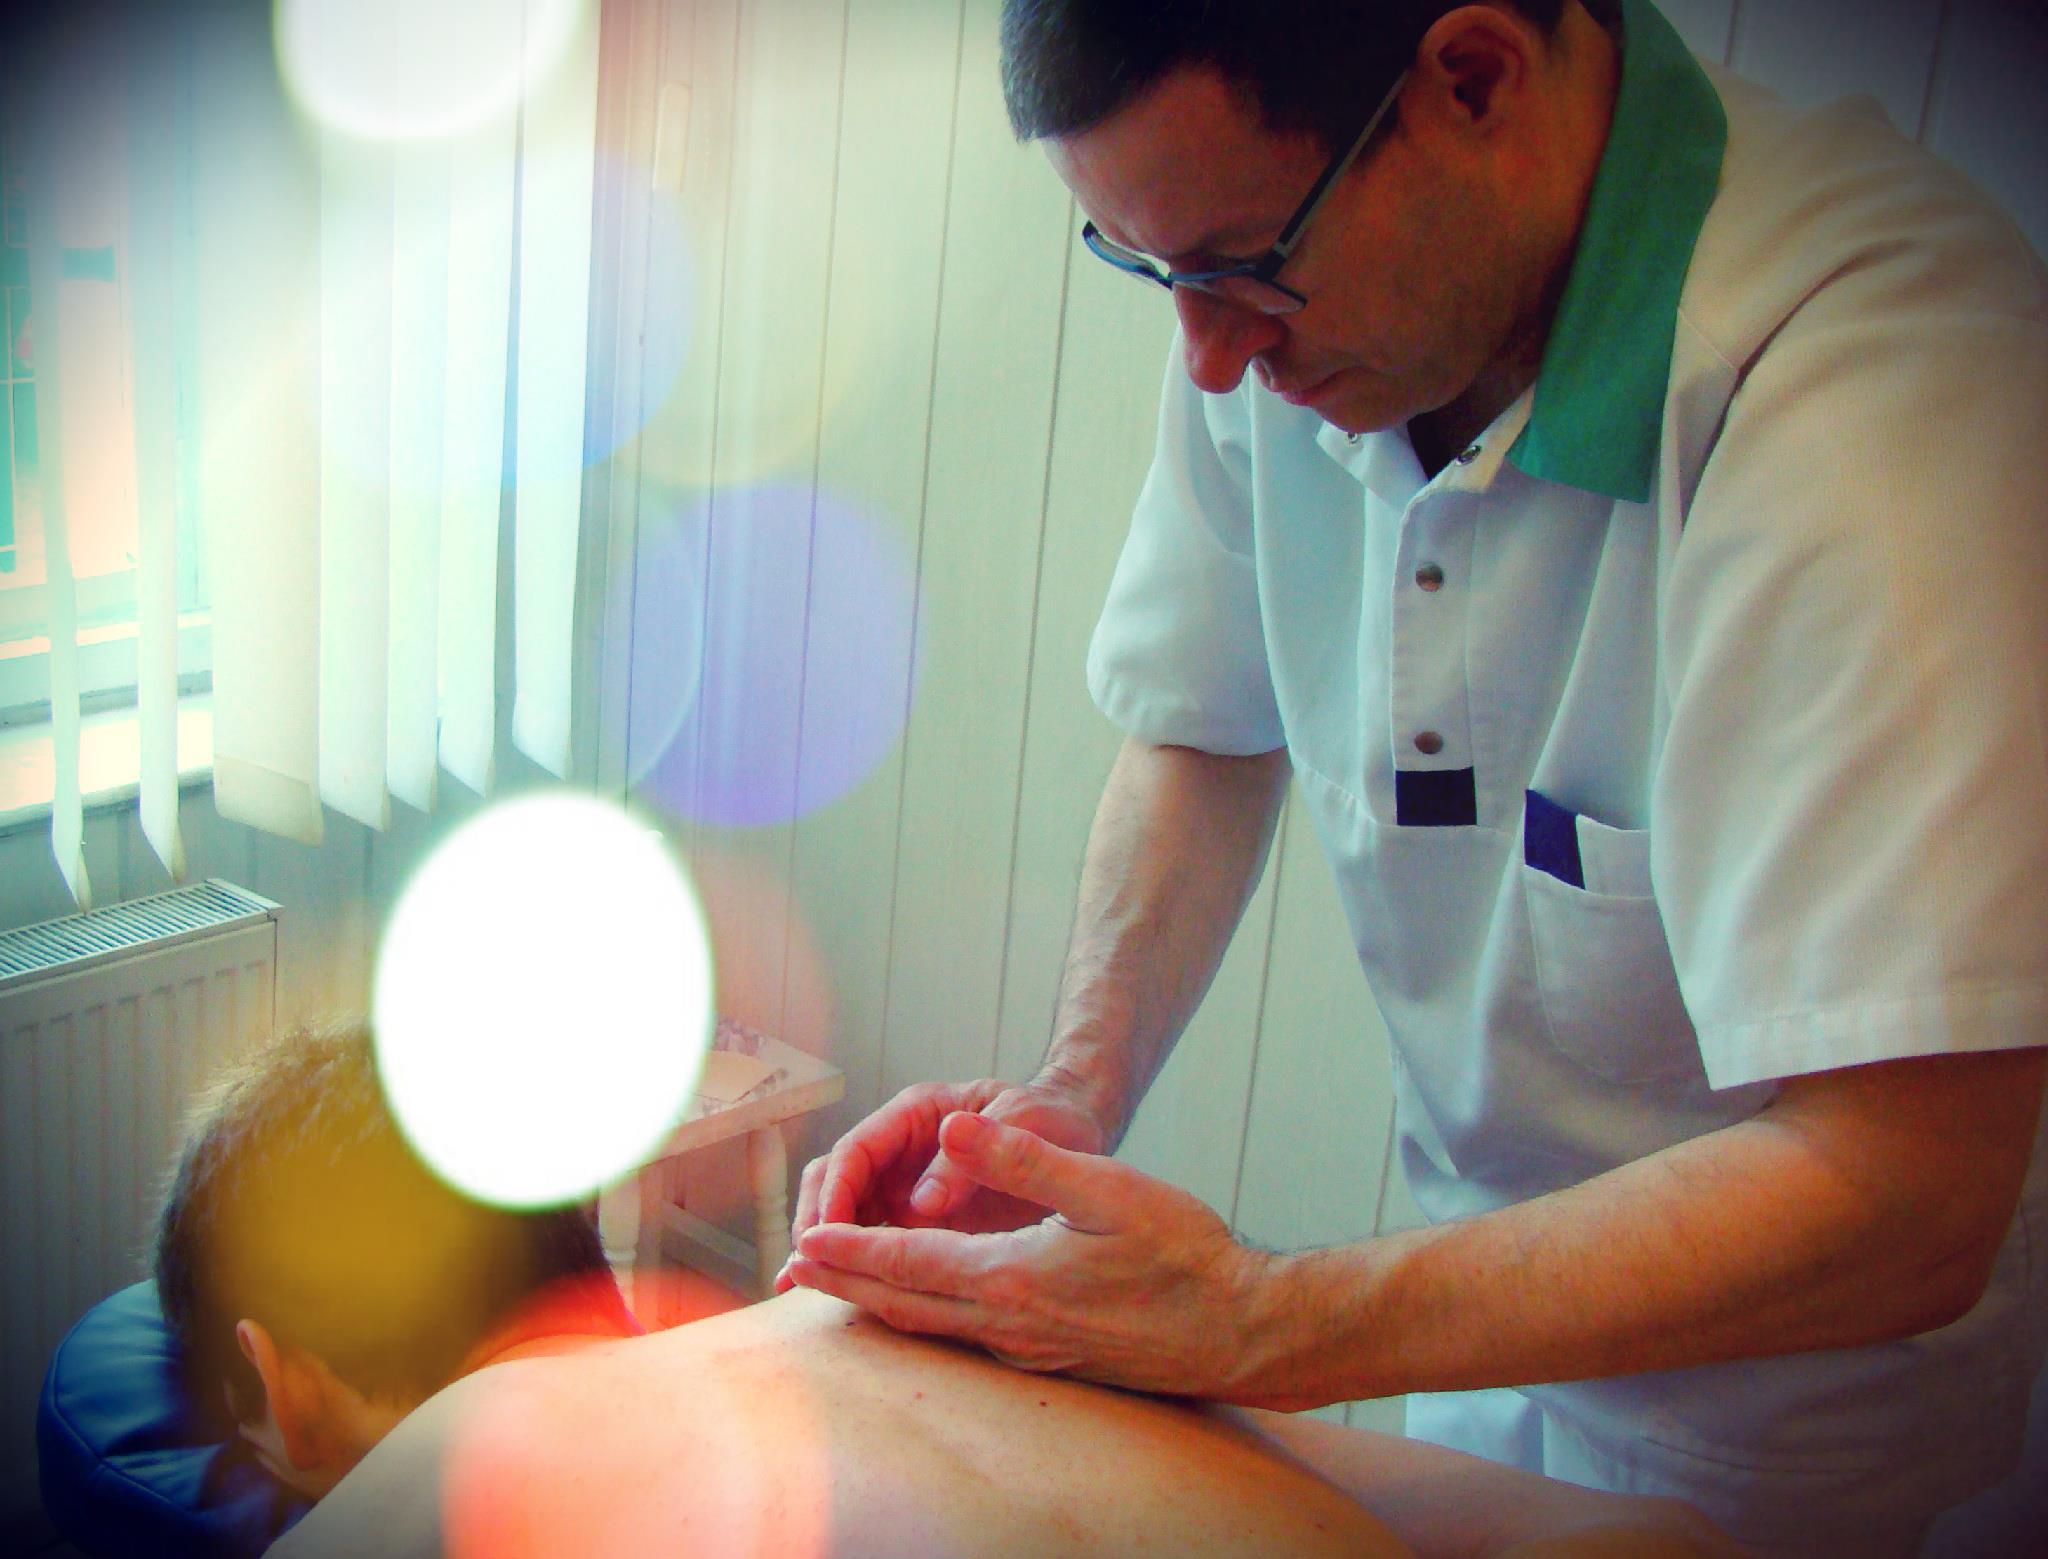 Skorzystaj z naszych zabiegów masażu leczniczego